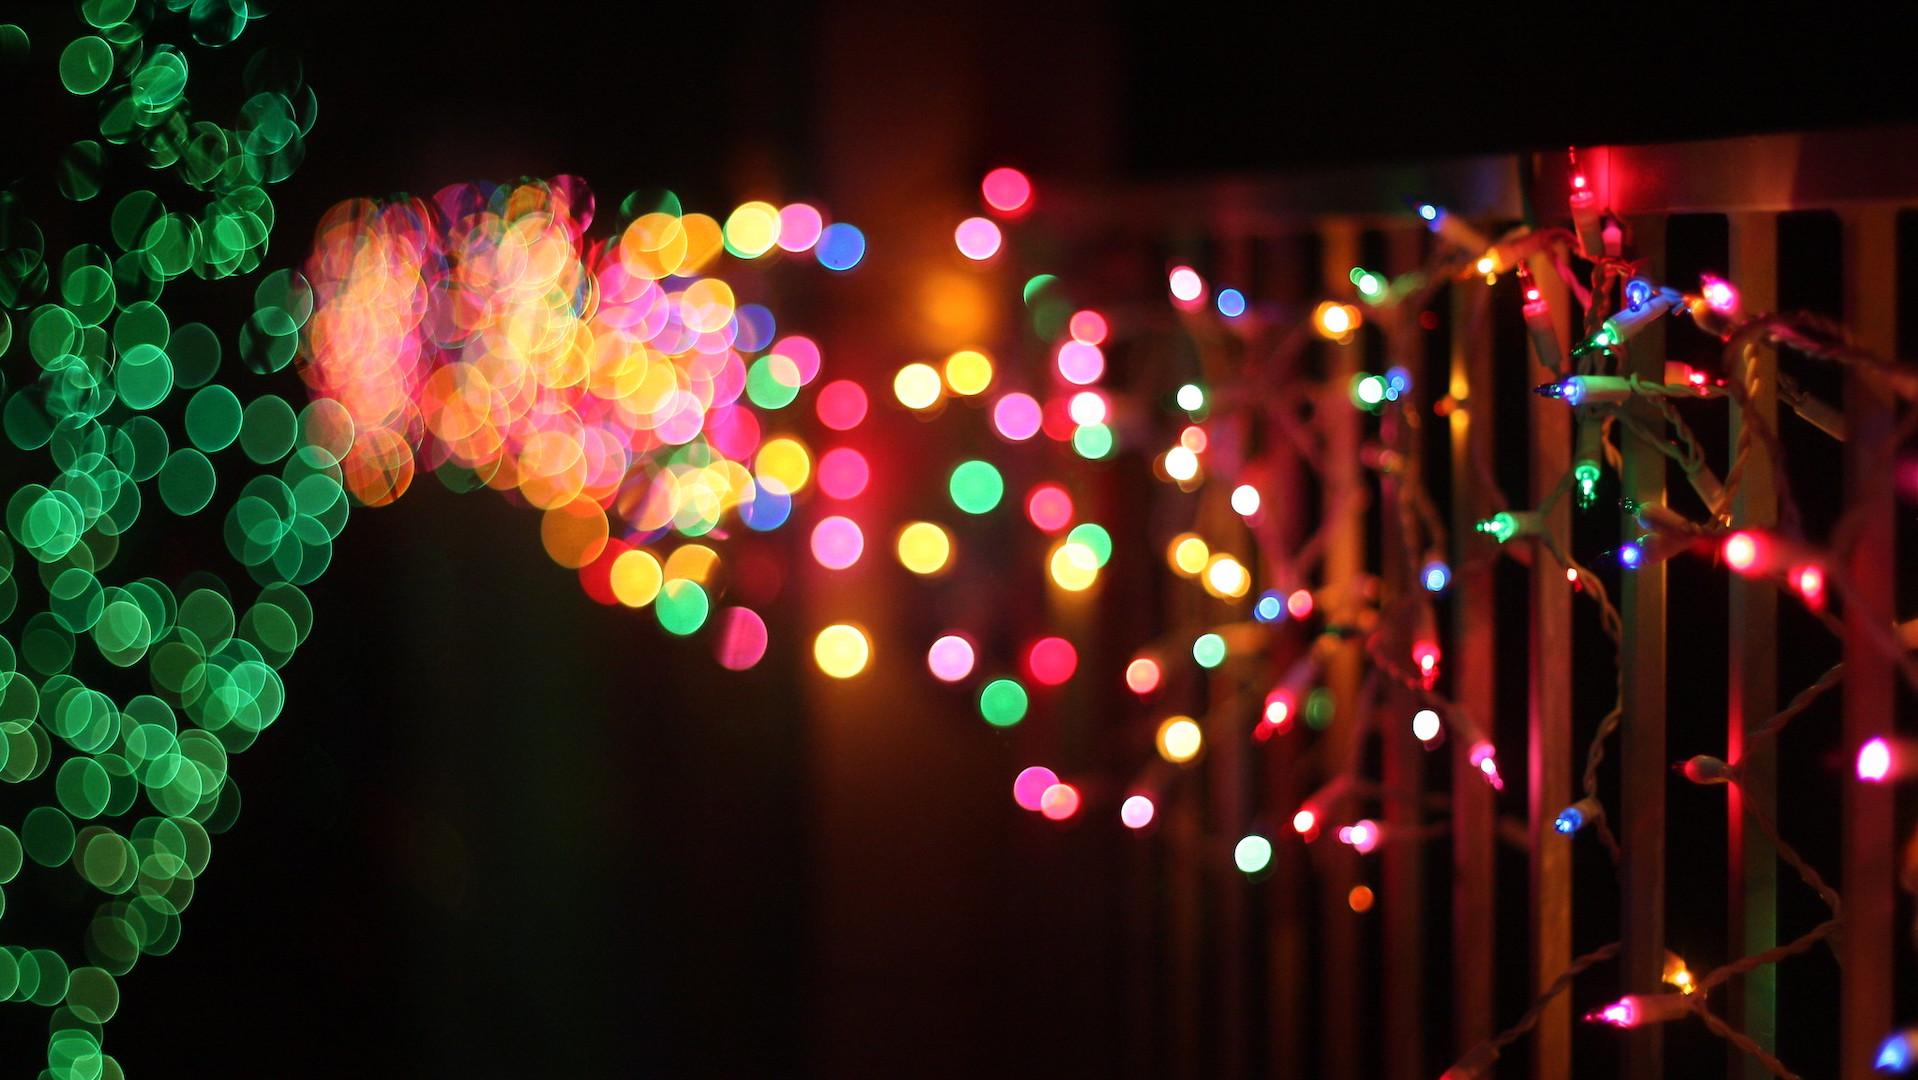 Noël approche, retrouvez nos guides d'achat et nos idées cadeaux tech